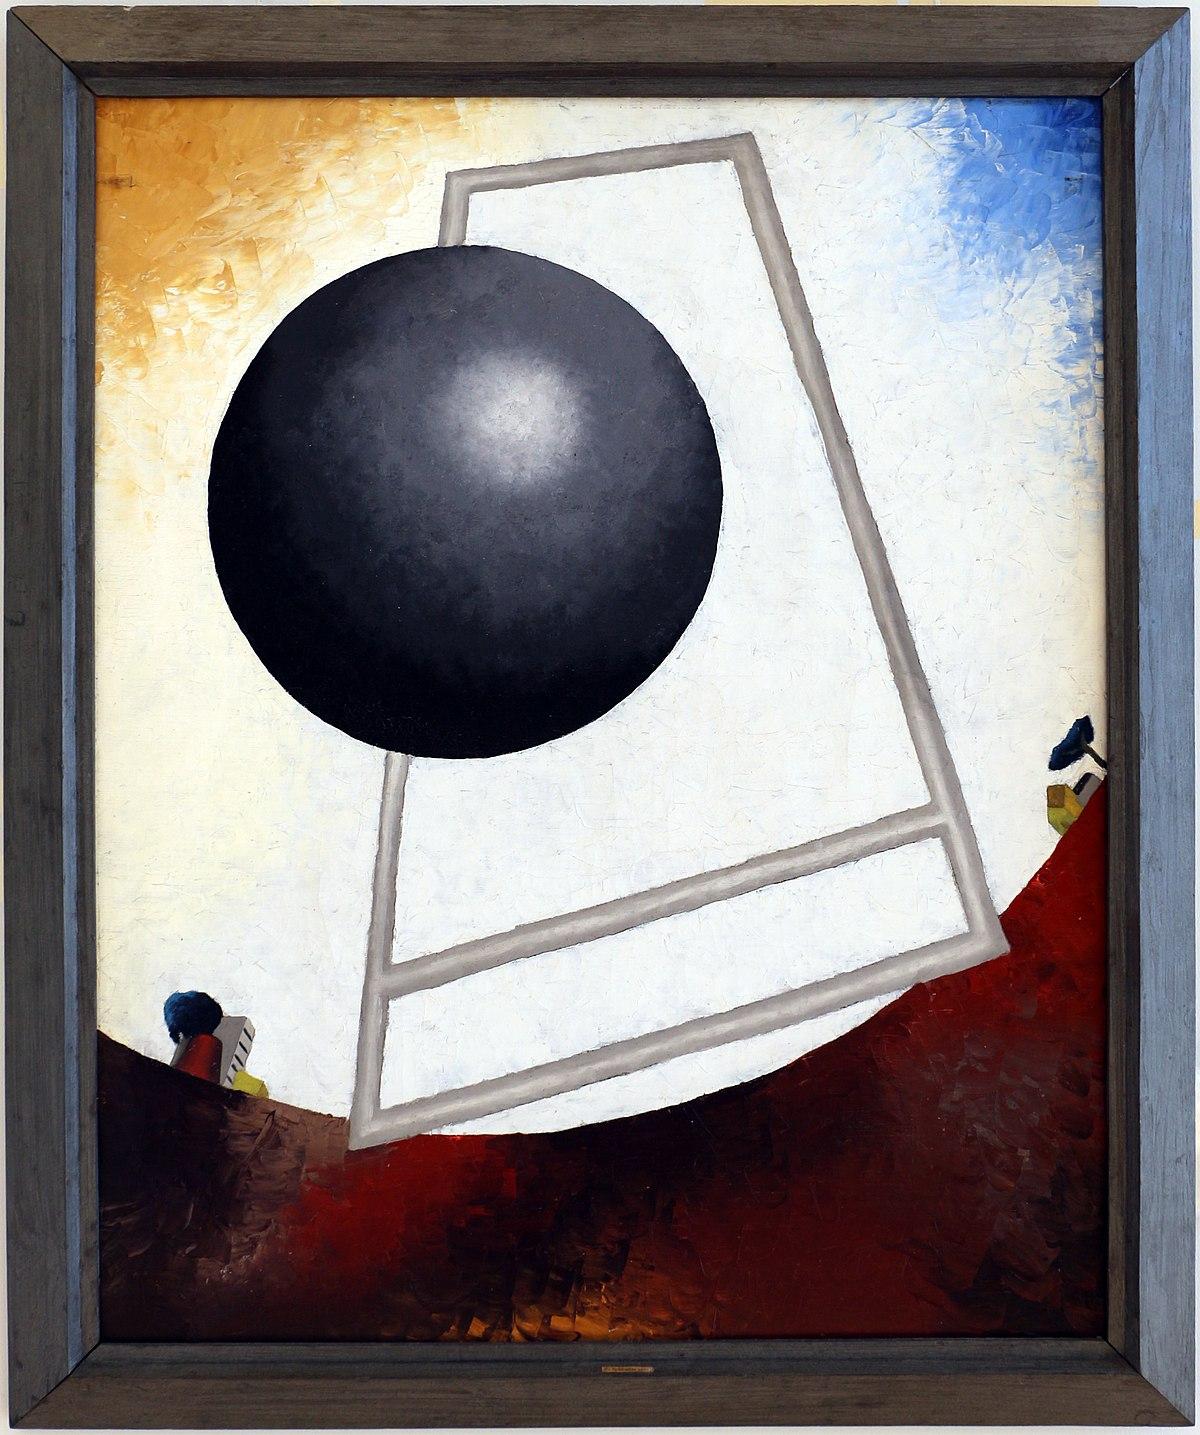 File:fillia (Luigi Colombo), Senso Di Gravità, 1932 encequiconcerne Lit Gravita